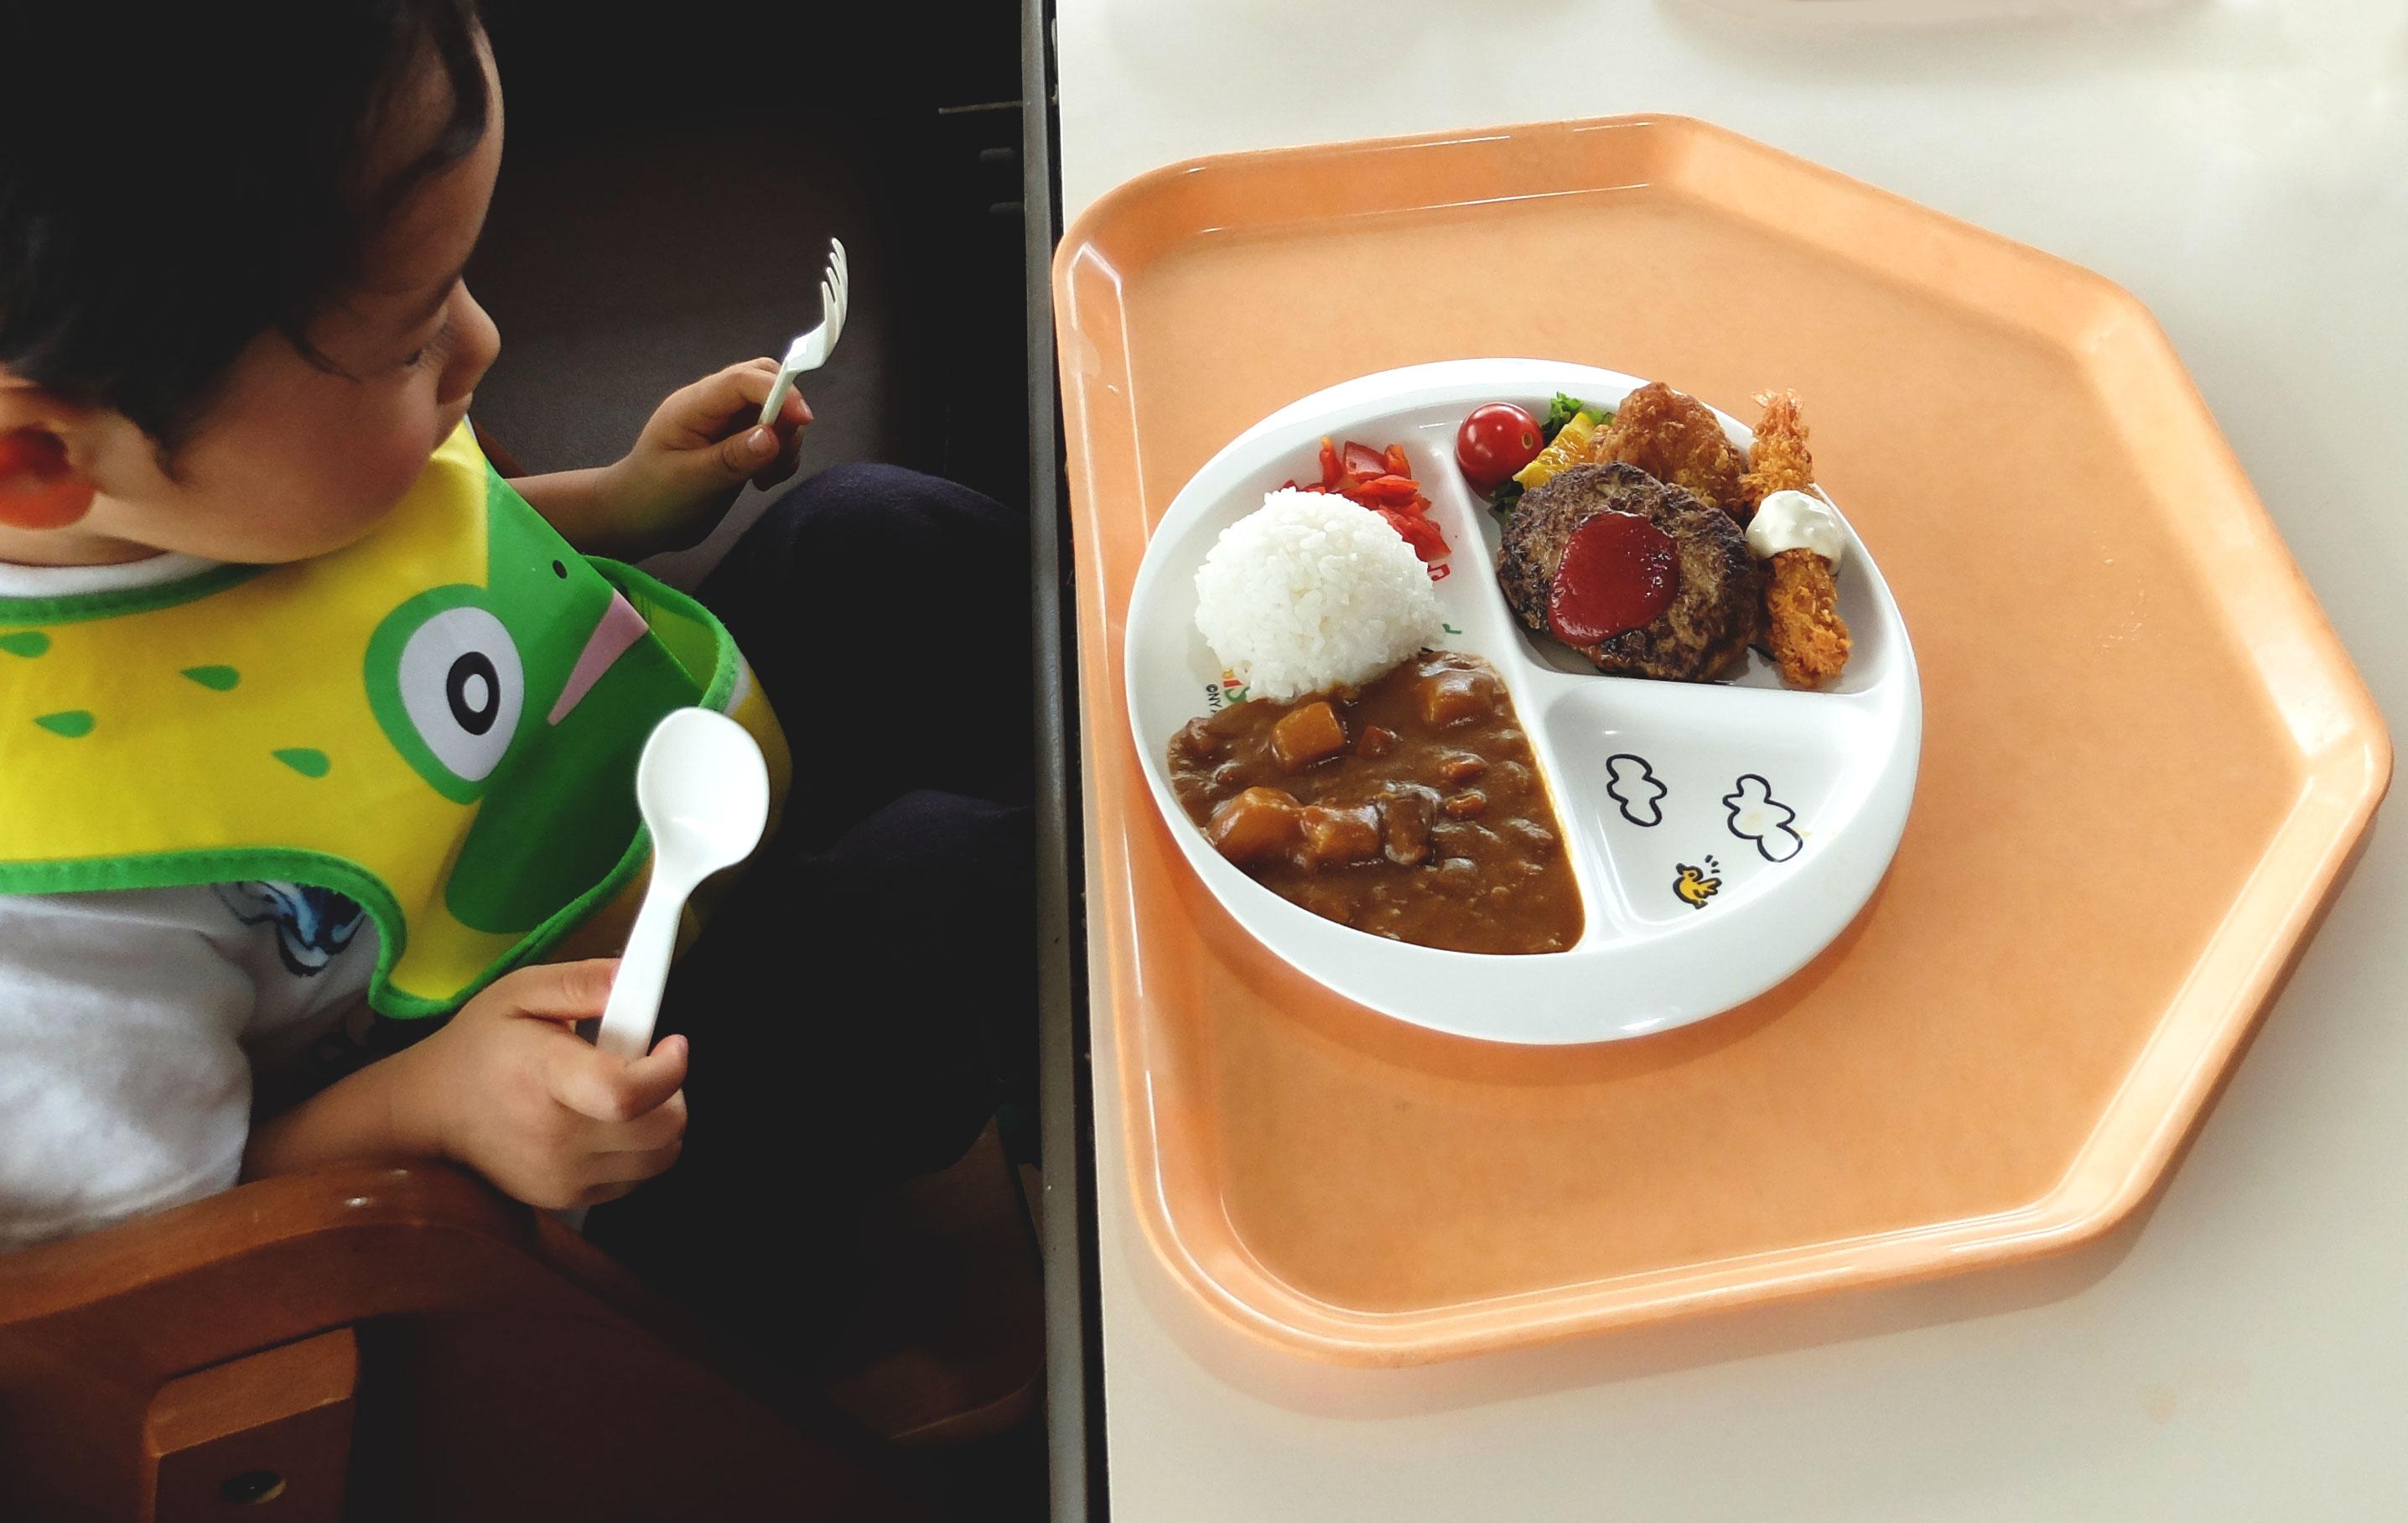 東条湖おもちゃ王国 レストラン食事